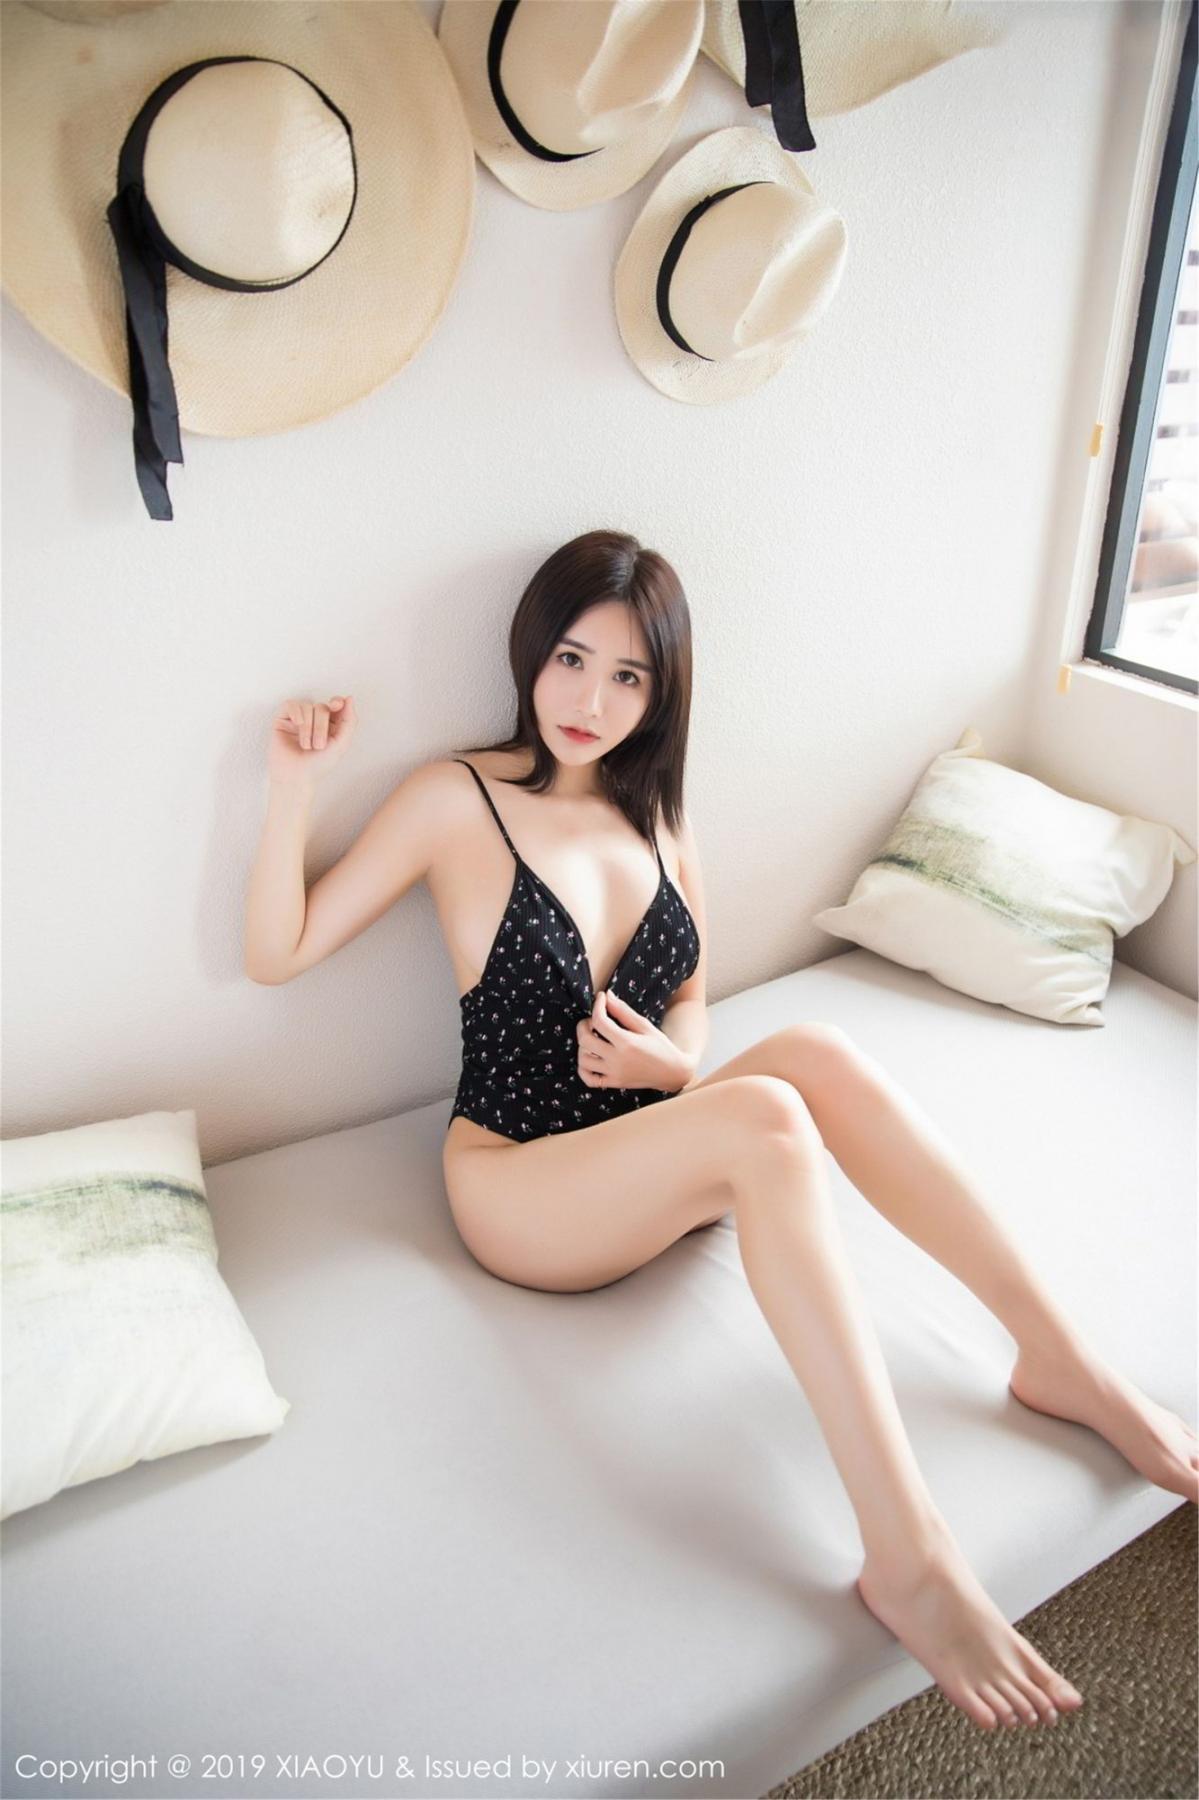 [XiaoYu] Vol.069 Xiao Mo Lin 3P, Lin Lin Ailin, Sexy, XiaoYu